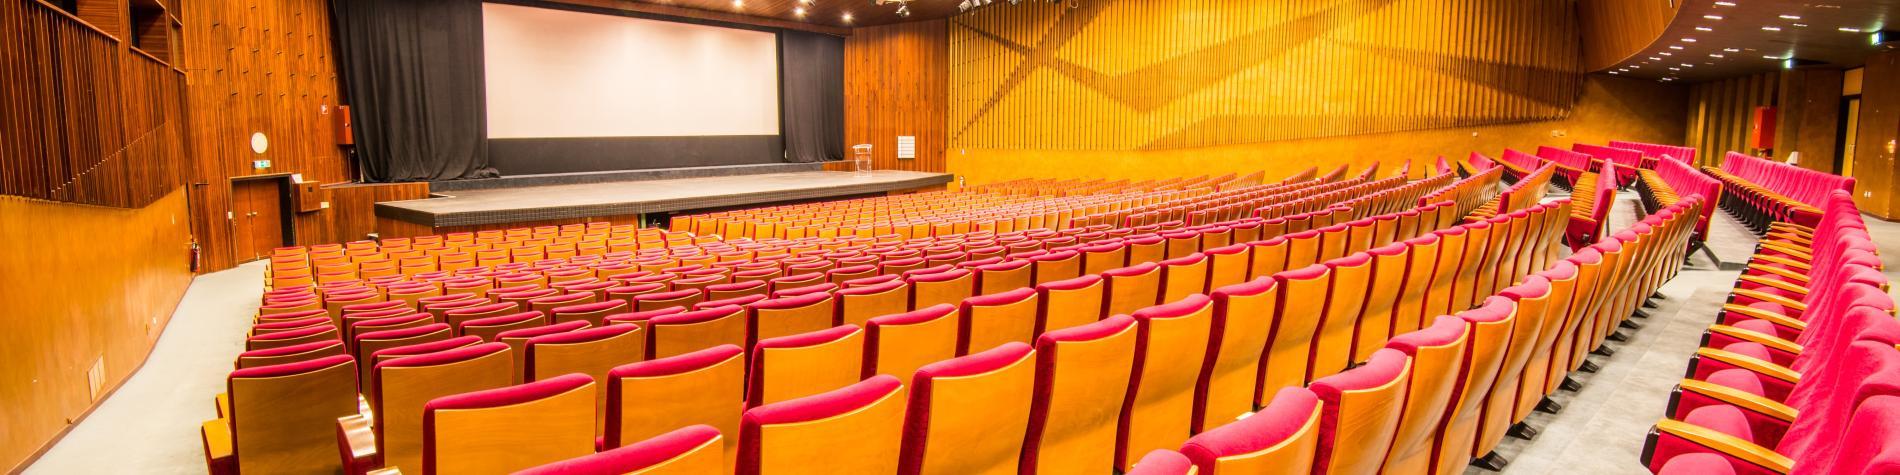 Salle de congrès vue sur la scène